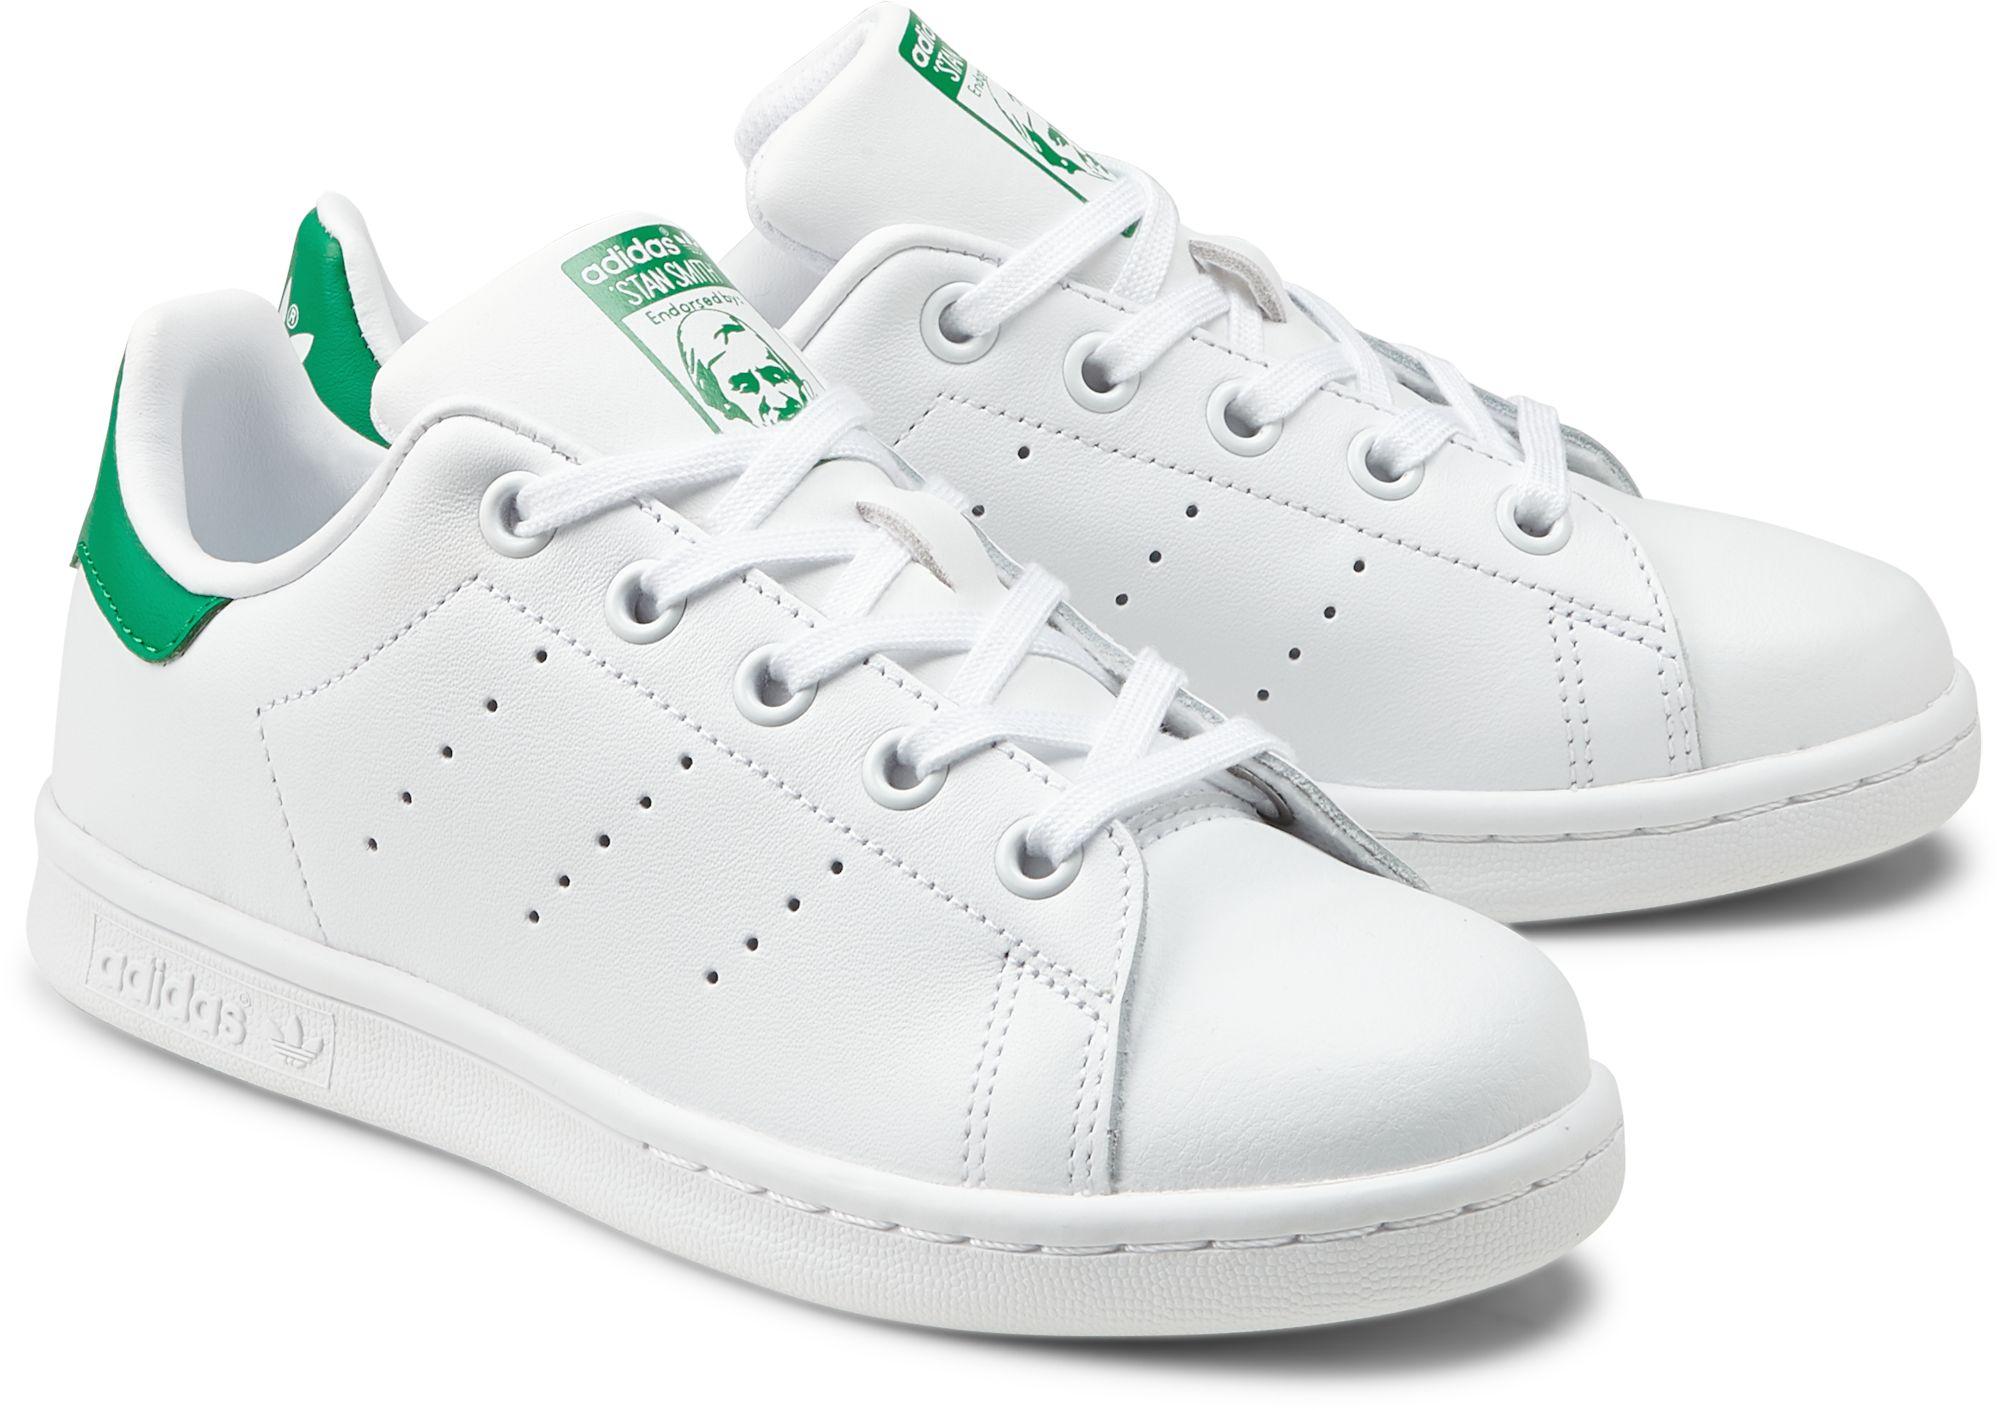 3a41b0b70f19b Sneaker STAN SMITH von Adidas Originals in grün mittel für Mädchen. Gr.  28,29,30,31,32,33,34,35